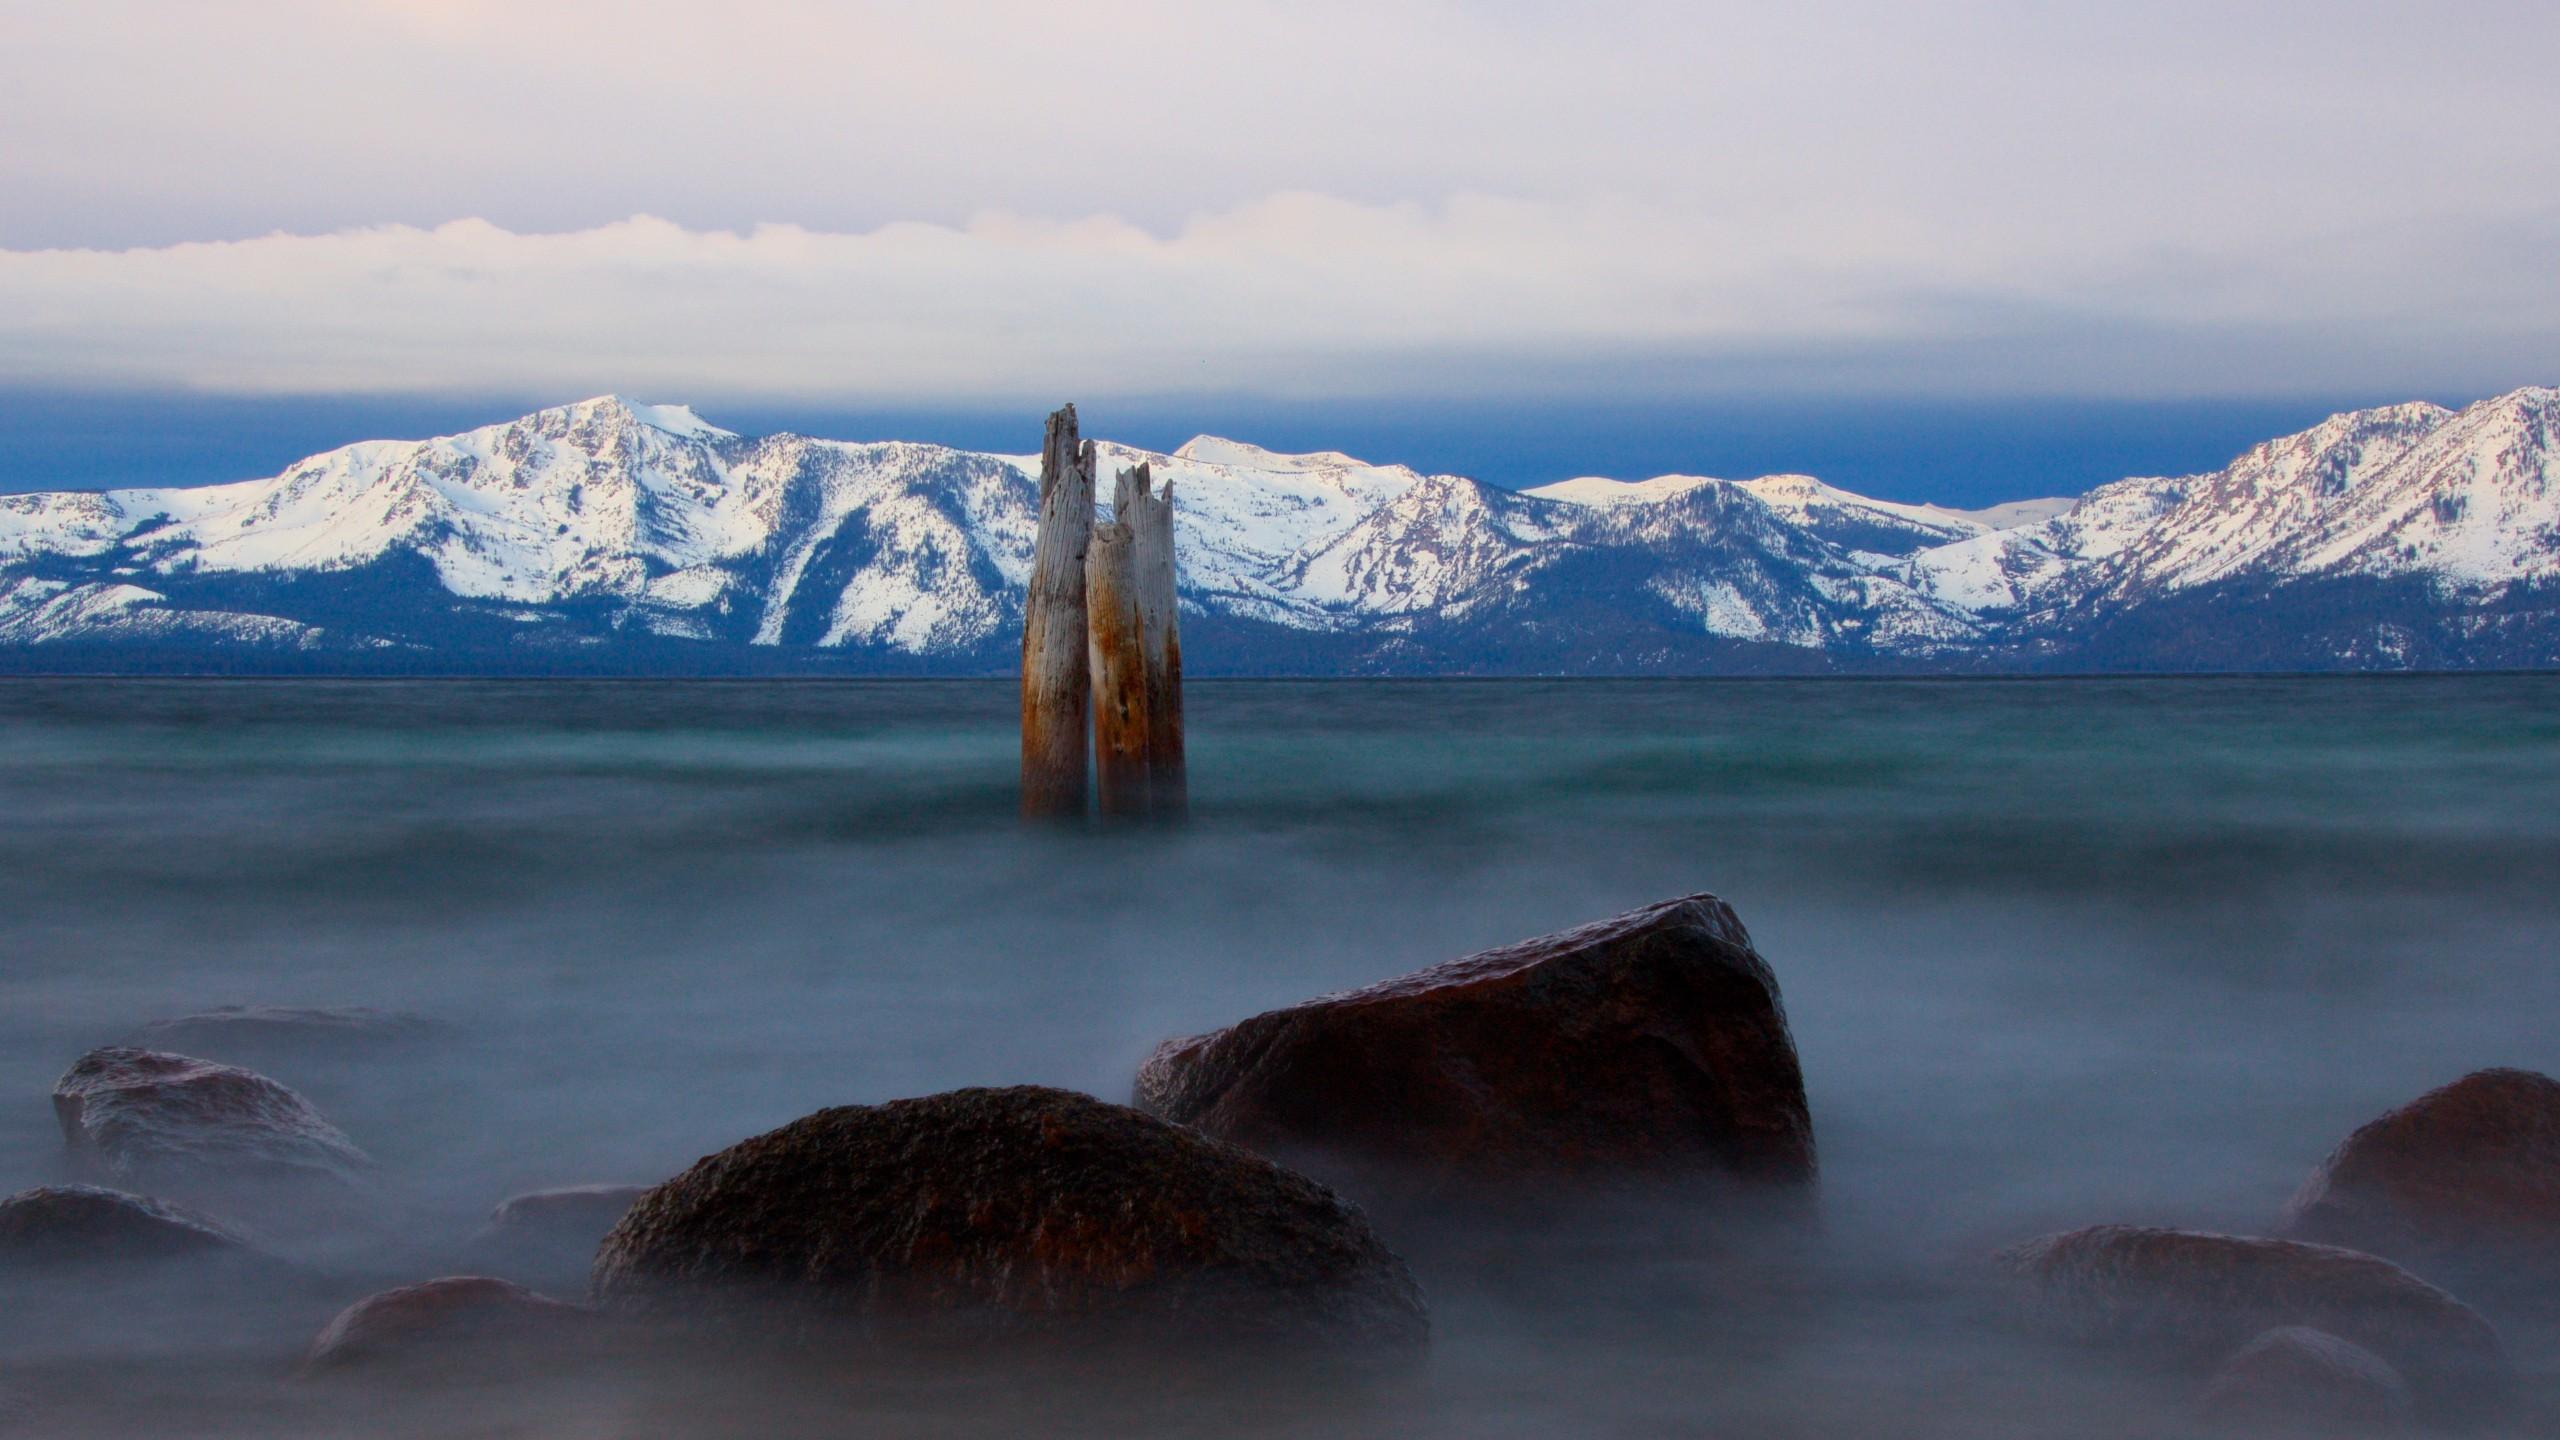 General 2560x1440 Lake Tahoe mist mountains lake